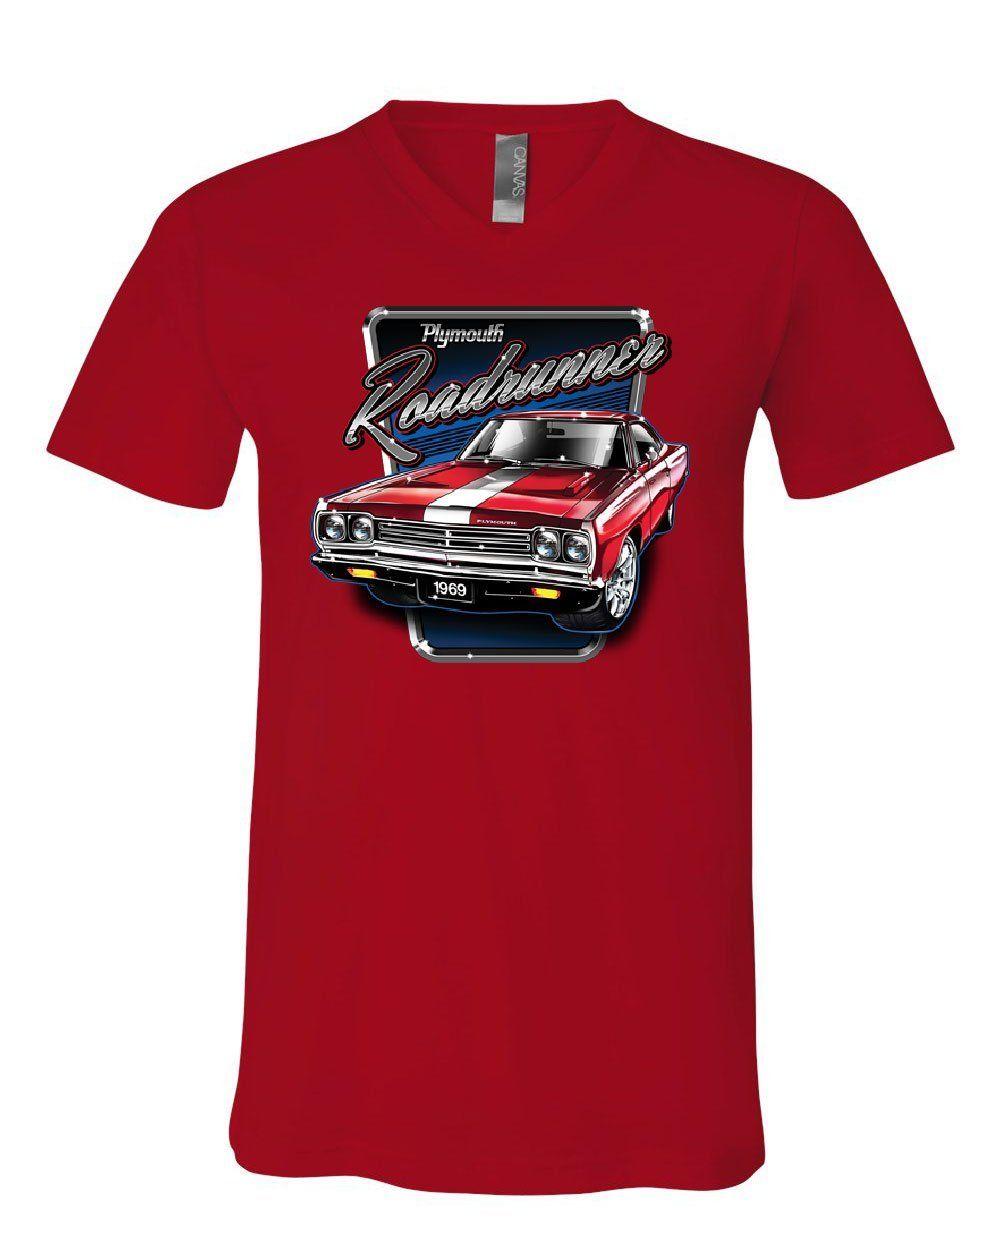 Tee Hunt Plymouth Roadrunner Hoodie American Muscle Car Classic Route 66 Sweatshirt